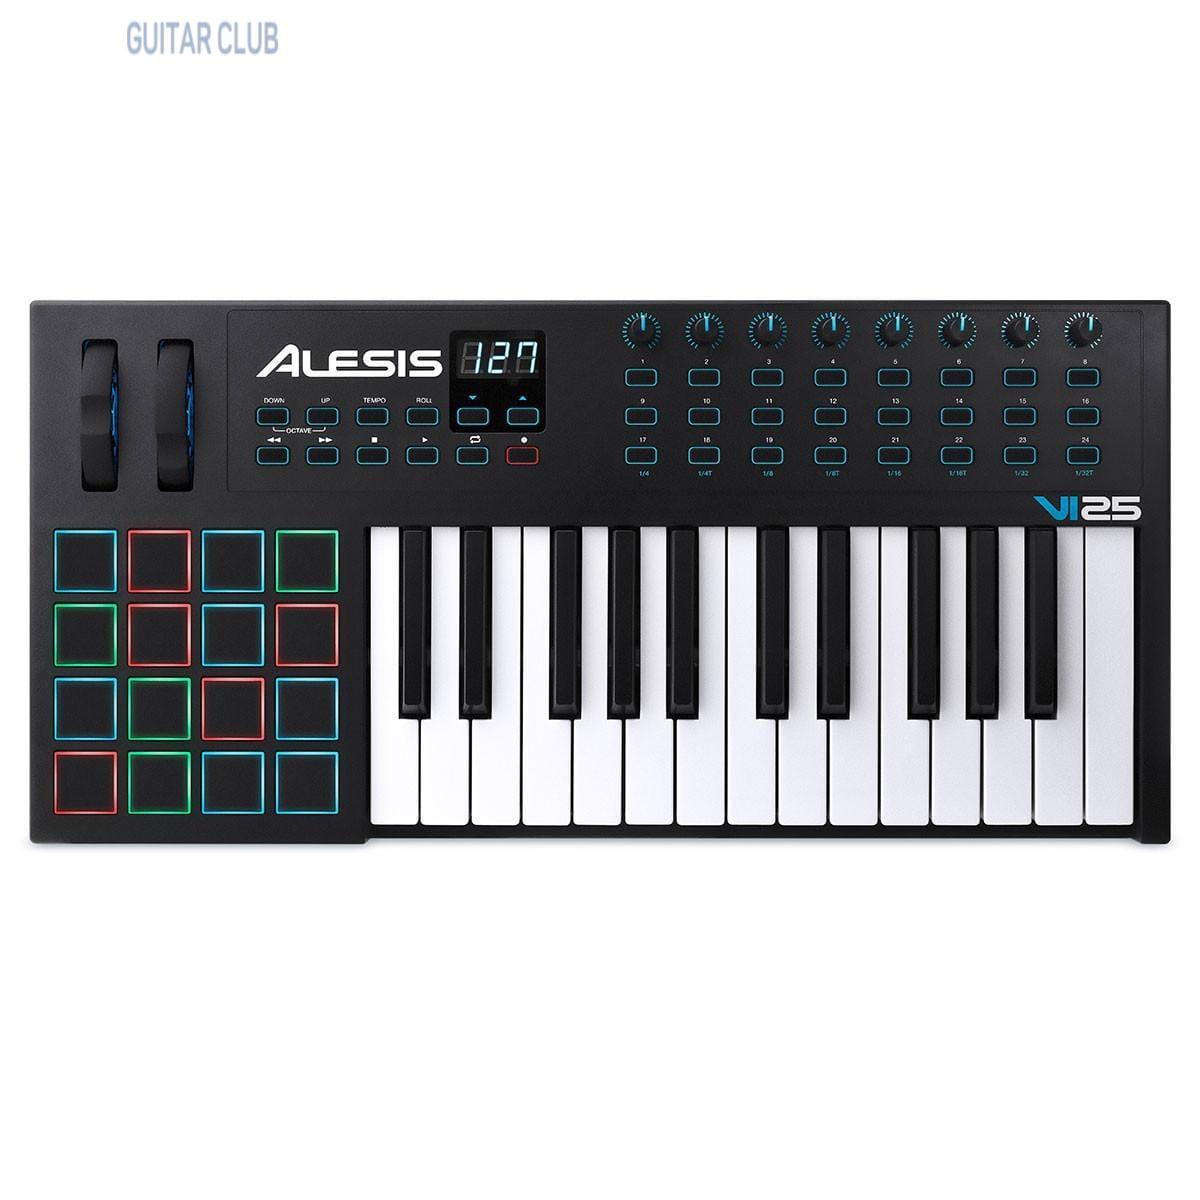 Alesis VI25 Фото 3